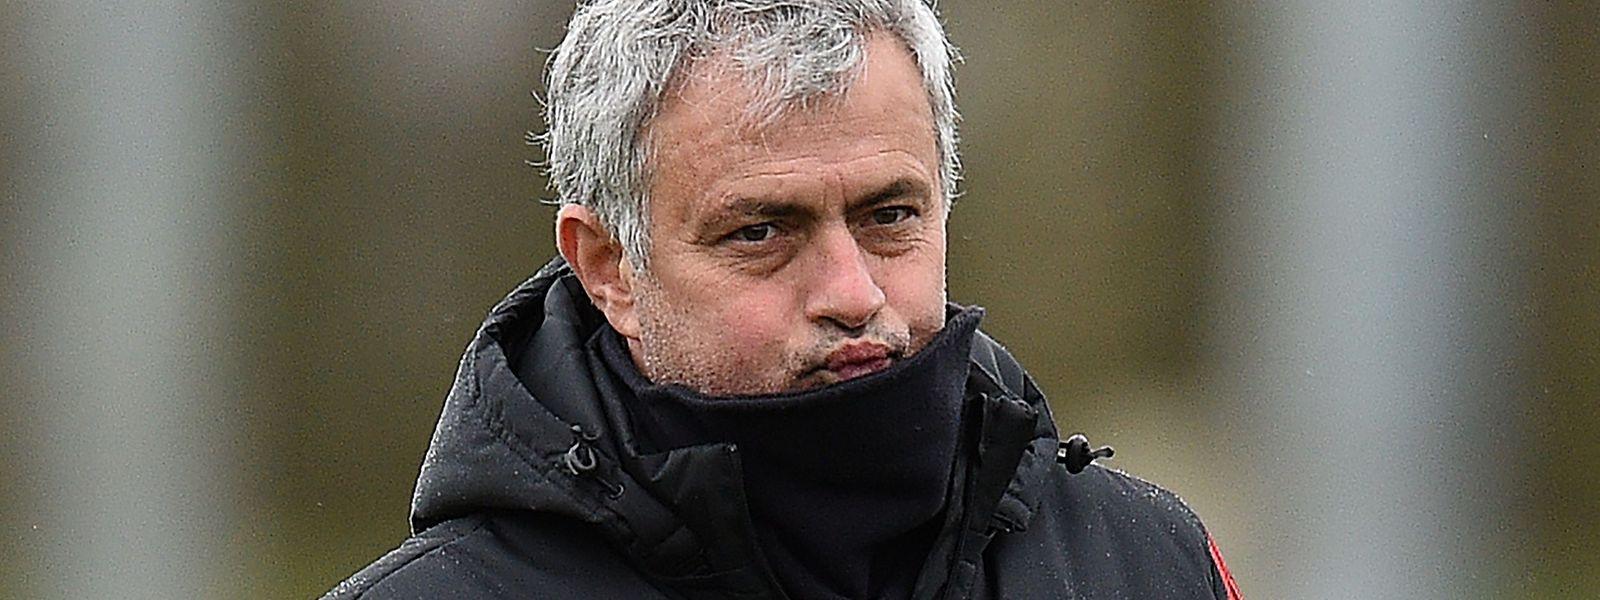 O técnico português foi despedido em 18 de dezembro, dois dias depois de os 'red devils' serem derrotados em Anfield Road pelo Liverpool, por 3-1.